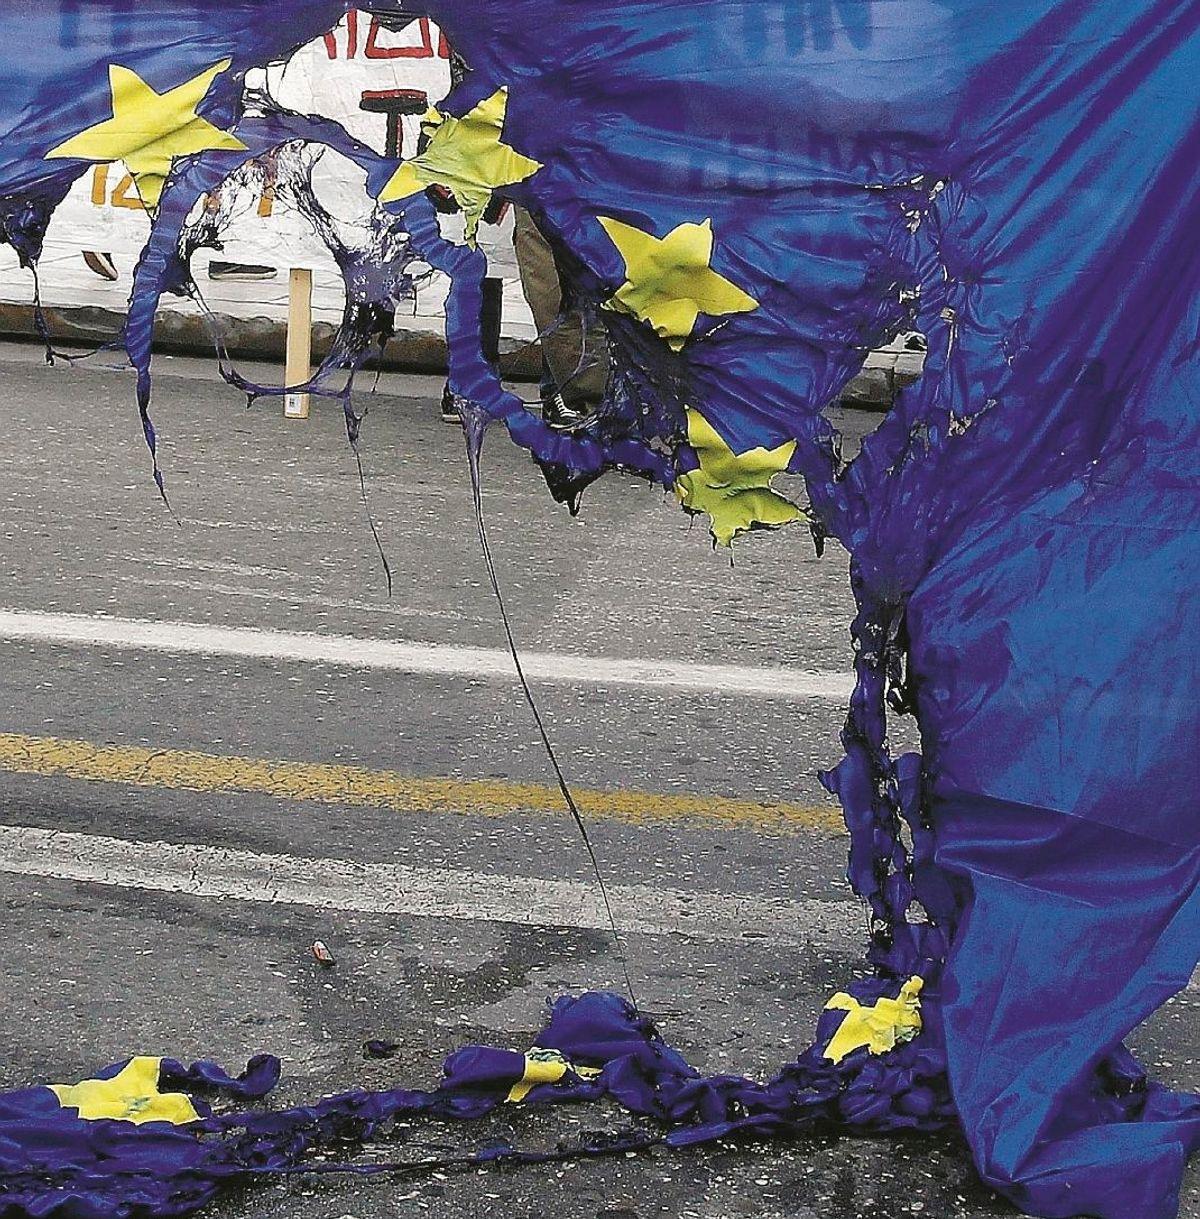 L'uomo che previde il crollo dell'Urss: «Presto cadrà pure l'Unione europea»